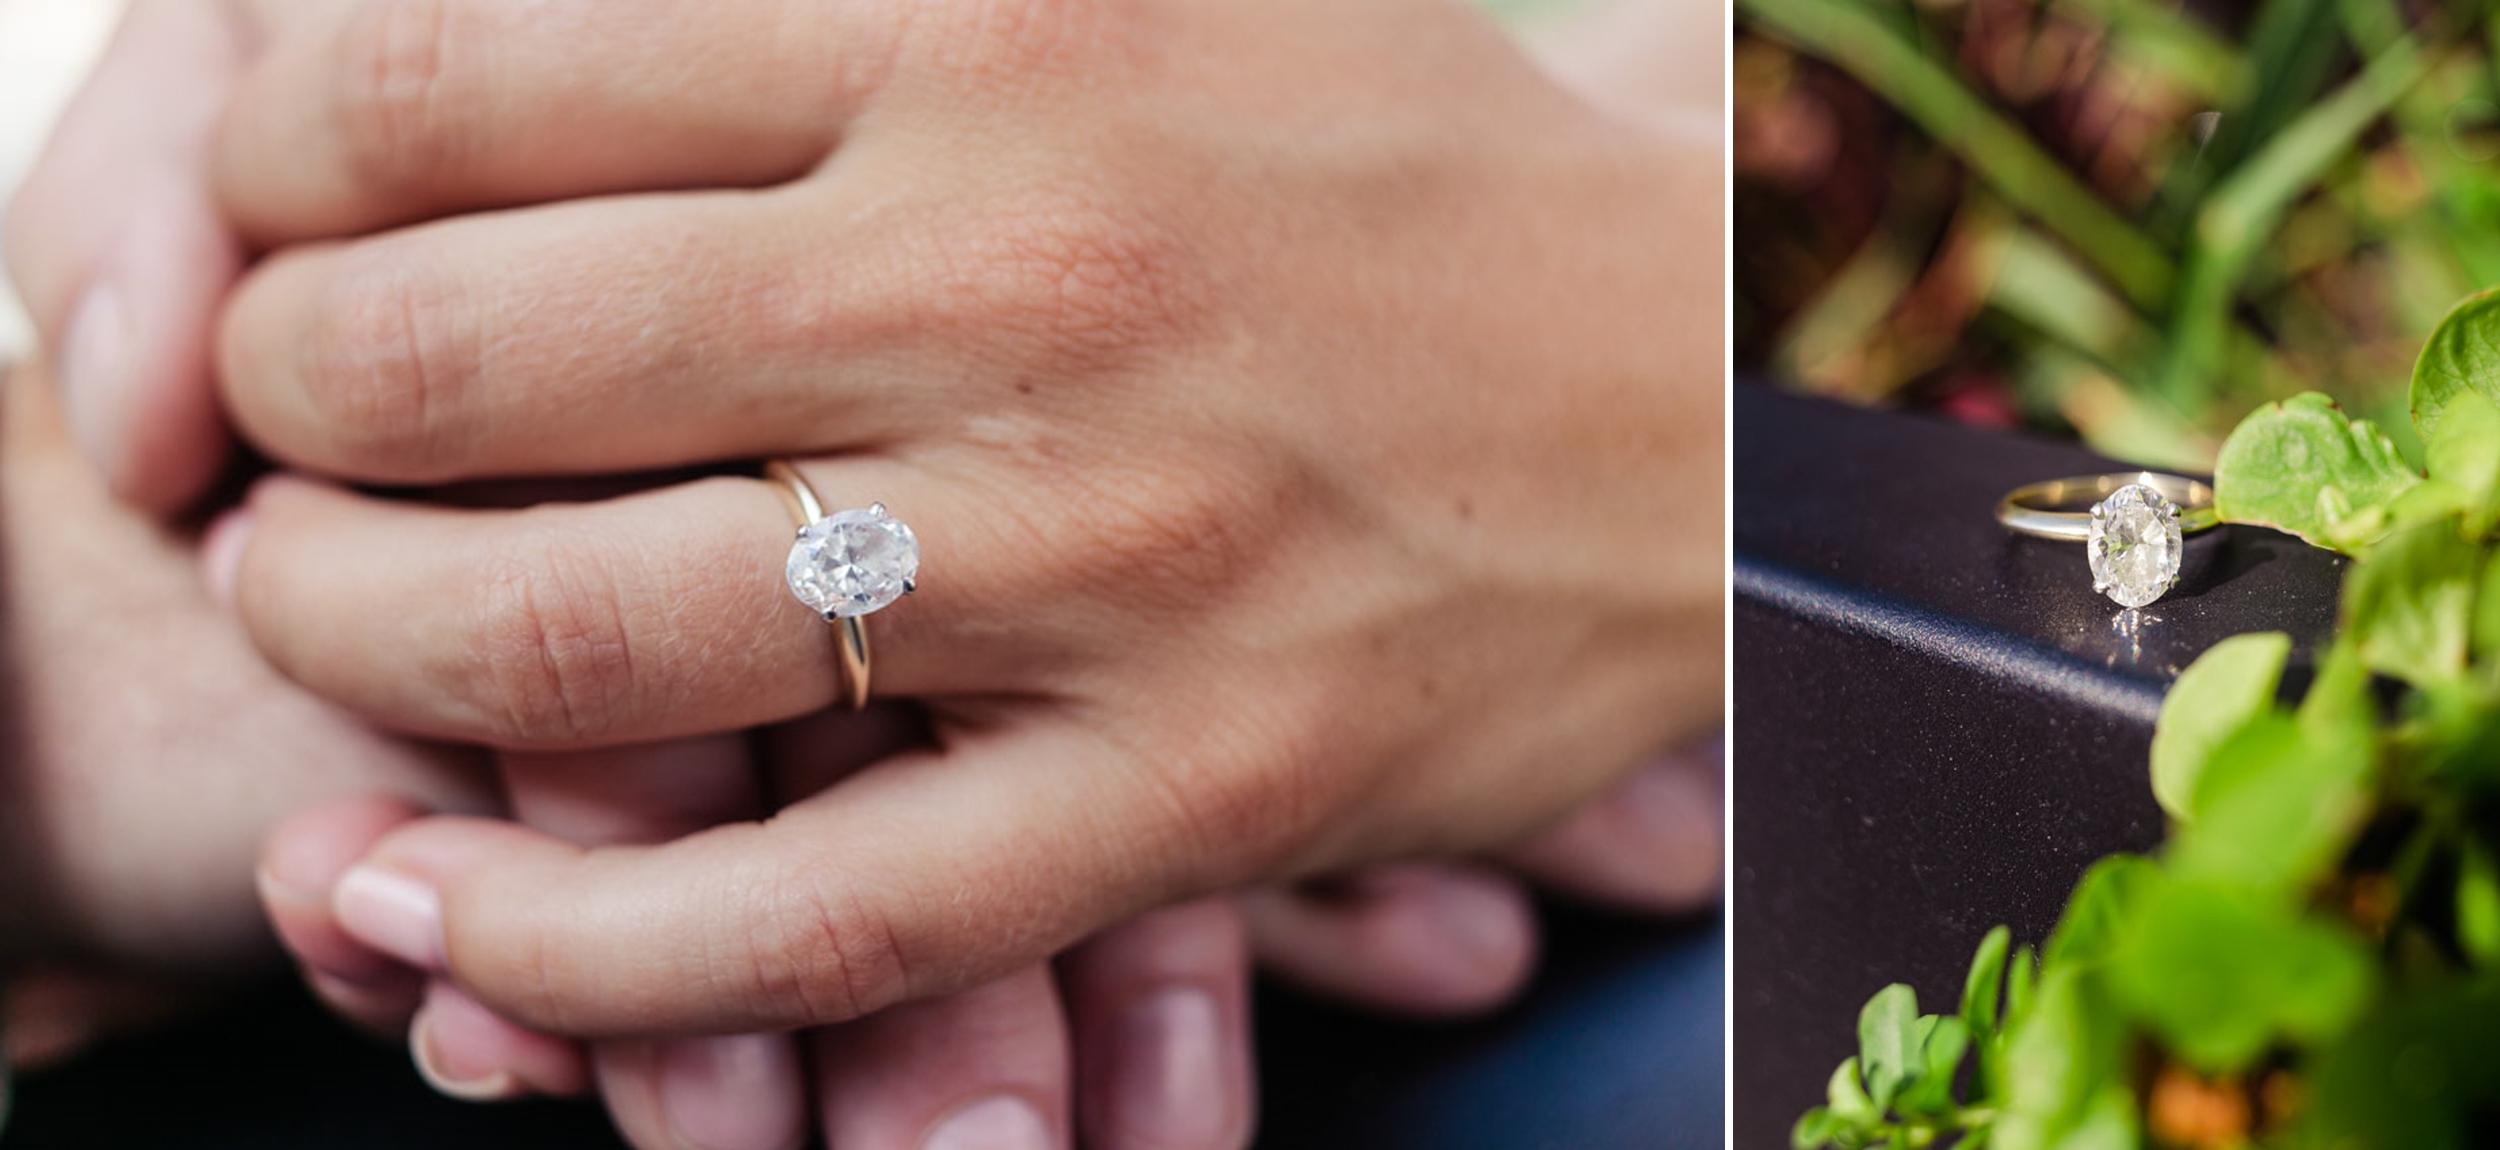 Baltimore Engagement Ring